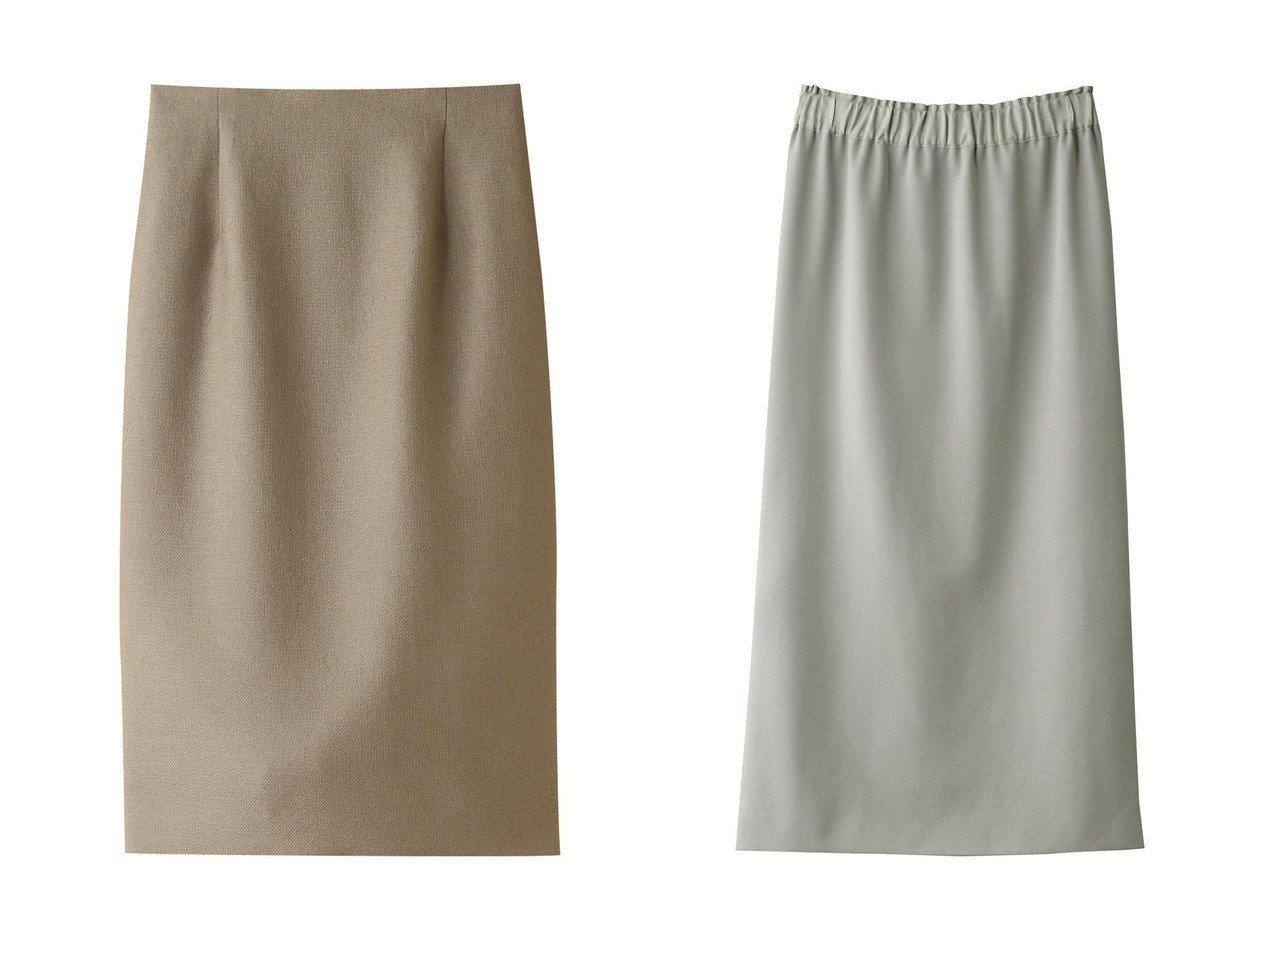 【ANAYI/アナイ】のスキューバジャージIラインスカート&バスケットストレッチタイトスカート 【スカート】おすすめ!人気、トレンド・レディースファッションの通販 おすすめで人気の流行・トレンド、ファッションの通販商品 インテリア・家具・メンズファッション・キッズファッション・レディースファッション・服の通販 founy(ファニー) https://founy.com/ ファッション Fashion レディースファッション WOMEN スカート Skirt ロングスカート Long Skirt シンプル スリット スリム バランス ベーシック 2020年 2020 2020-2021秋冬・A/W AW・Autumn/Winter・FW・Fall-Winter/2020-2021 2021年 2021 2021-2022秋冬・A/W AW・Autumn/Winter・FW・Fall-Winter・2021-2022 A/W・秋冬 AW・Autumn/Winter・FW・Fall-Winter おすすめ Recommend ジャケット ストレッチ セットアップ タイトスカート バスケット ロング |ID:crp329100000056319